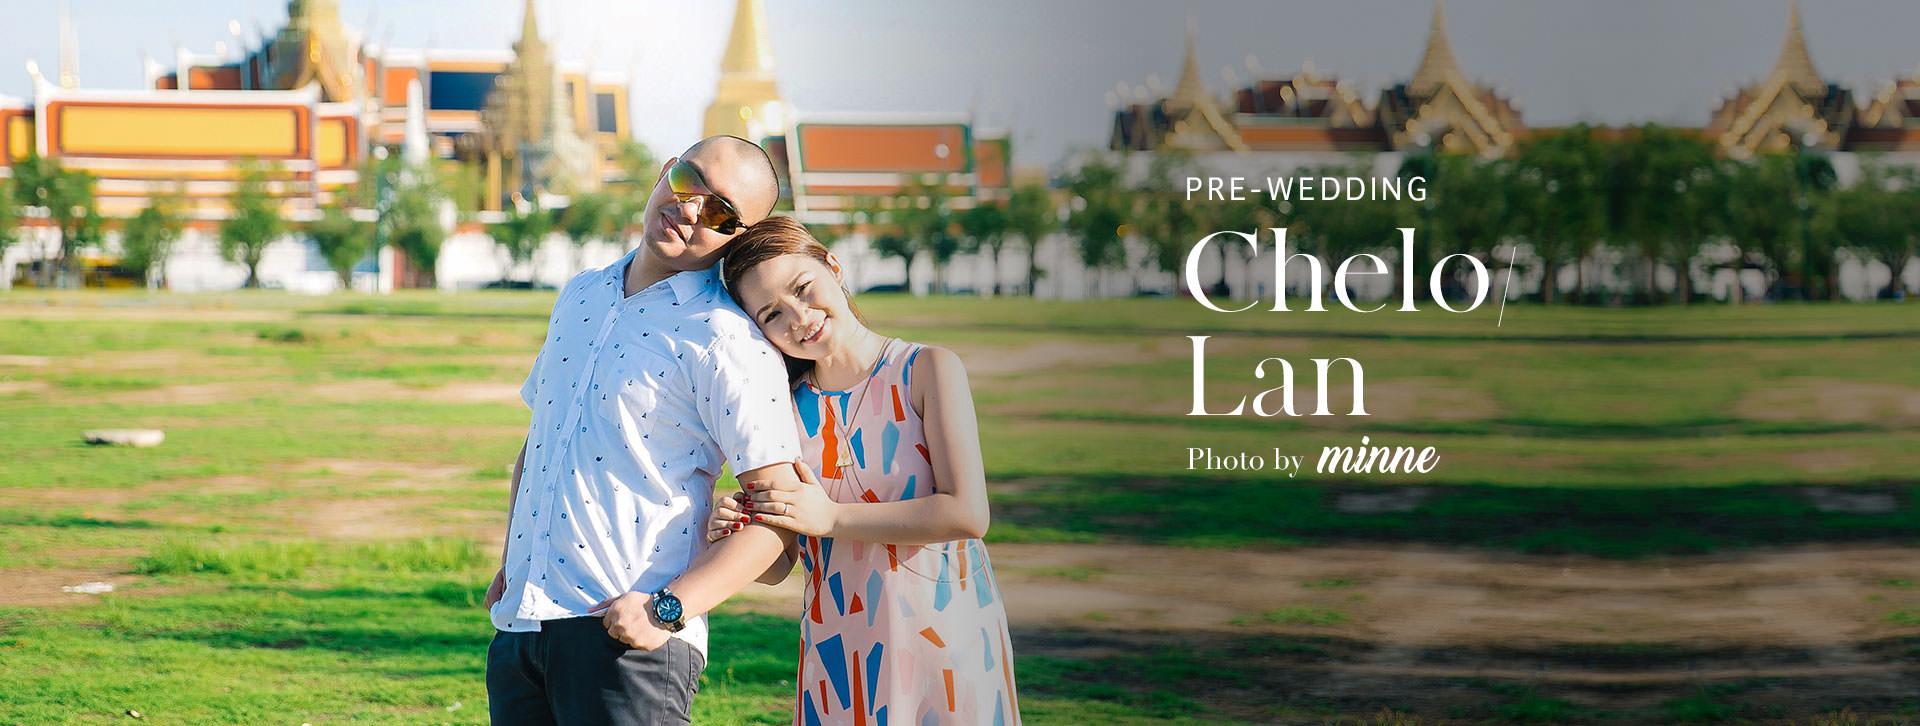 couple photo shoot in bangkok thailand chelo long cover